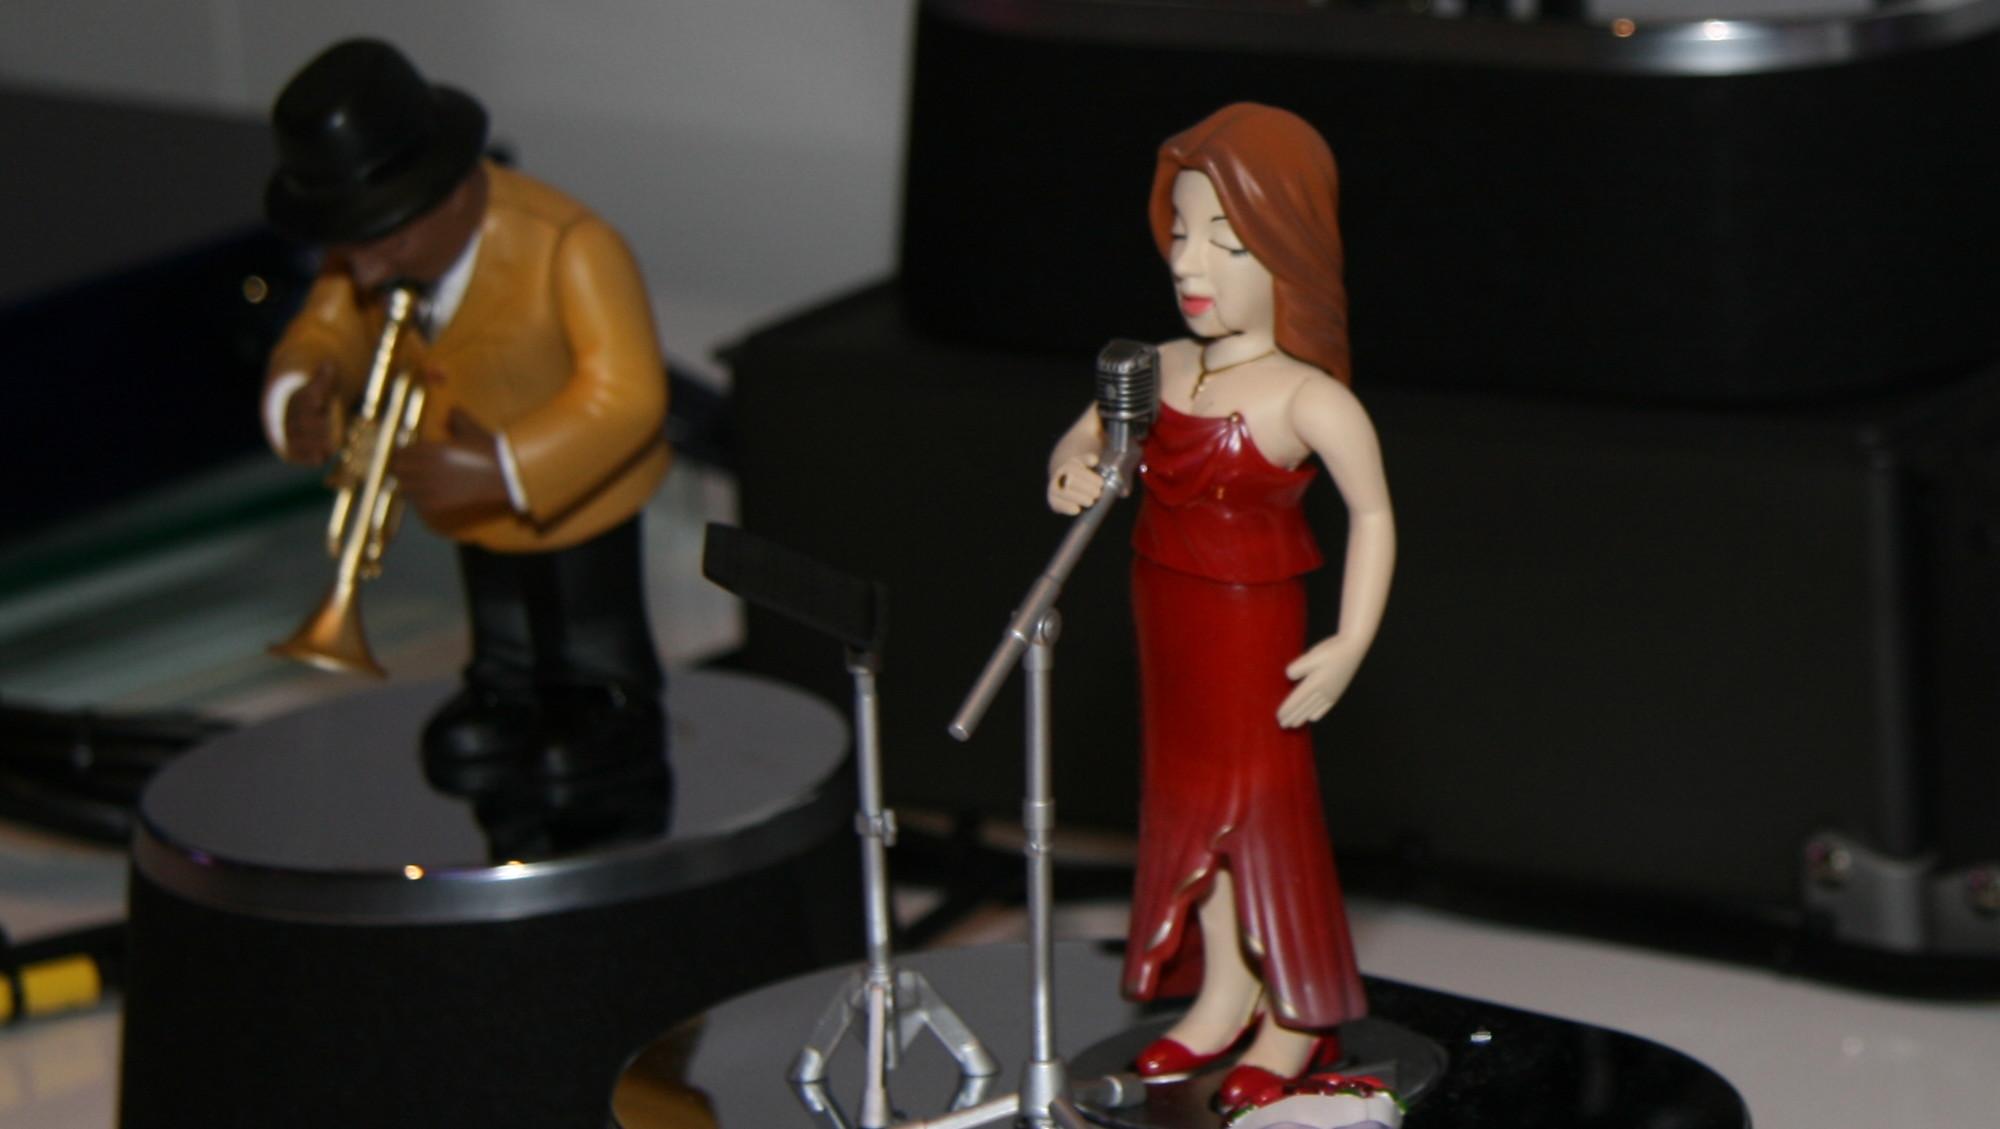 INTERAKTIVT DUKKETEATER:  Jazzband-dukkene følger musikken som spilles av på skjermen til minste detalj.